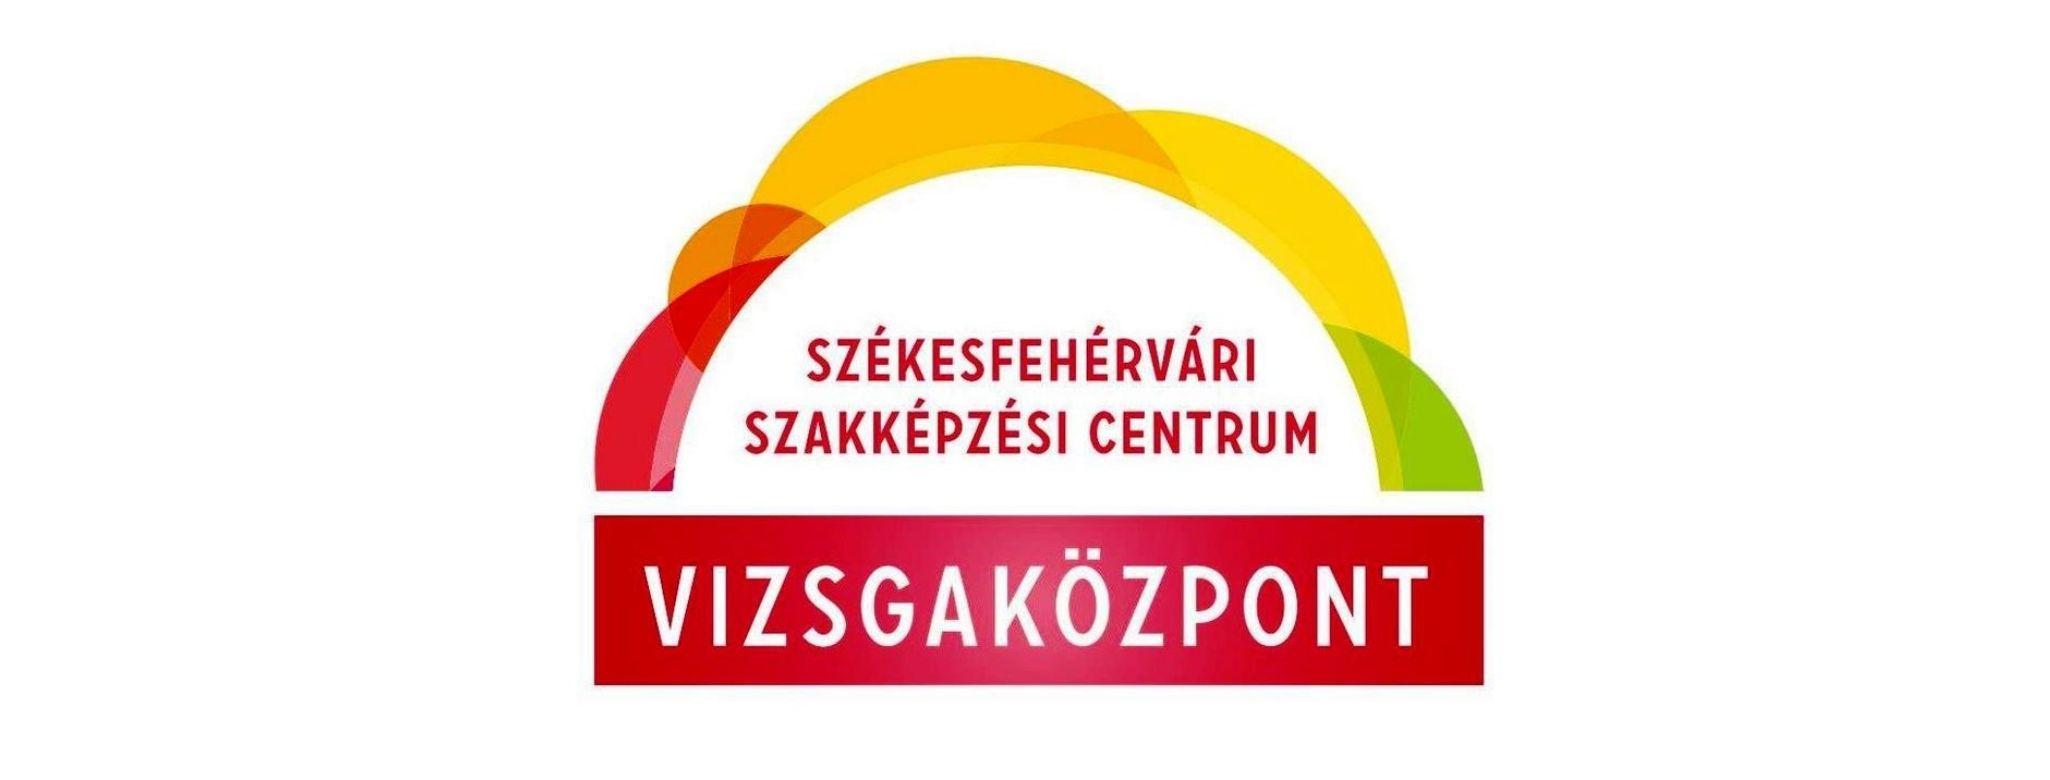 Felnőttek Oktatása Portál | Székesfehérvári Szakképzési Centrum